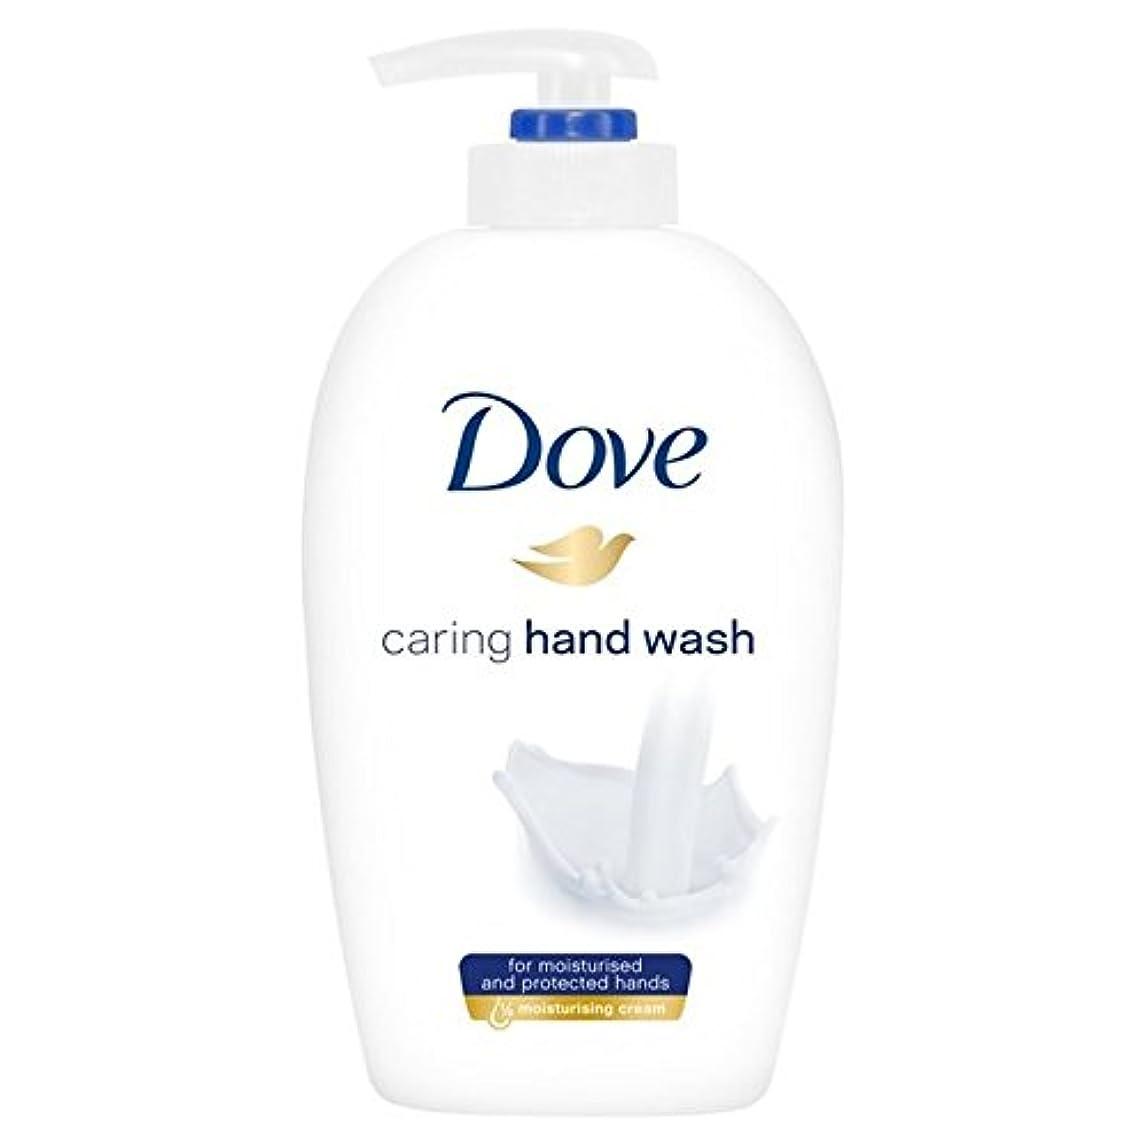 命令セットする通行料金鳩思いやり手洗い250ミリリットル x2 - Dove Caring Hand Wash 250ml (Pack of 2) [並行輸入品]